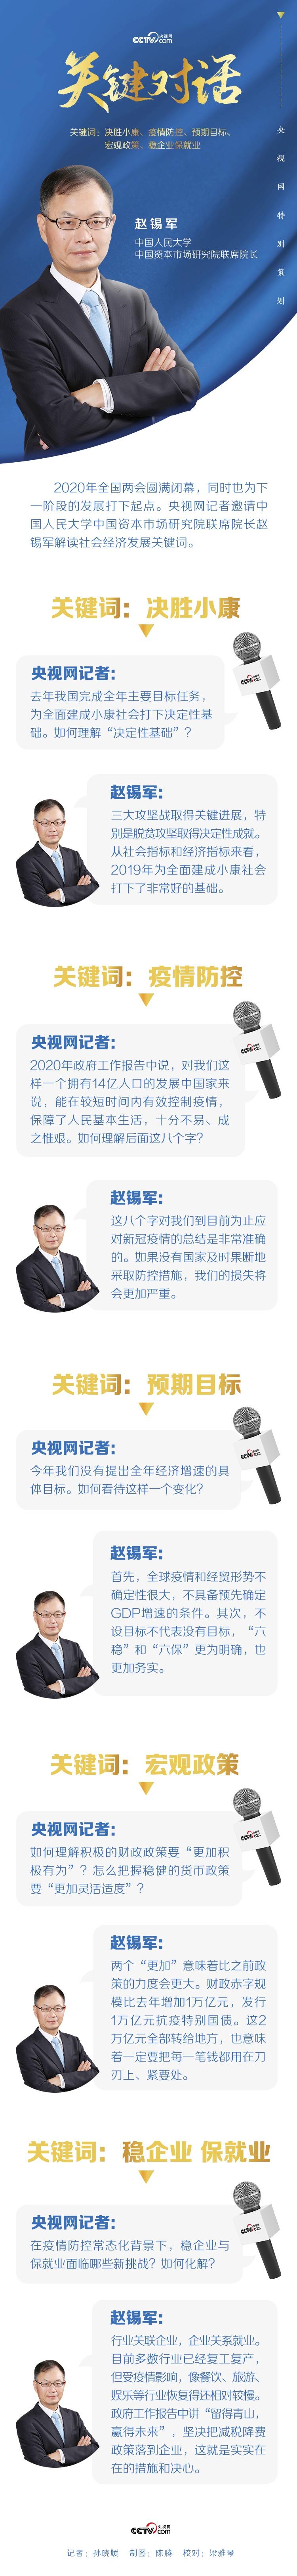 """【关键对话】赵锡军:不设目标不代表没有目标 """"六稳""""和""""六保""""更务实图片"""